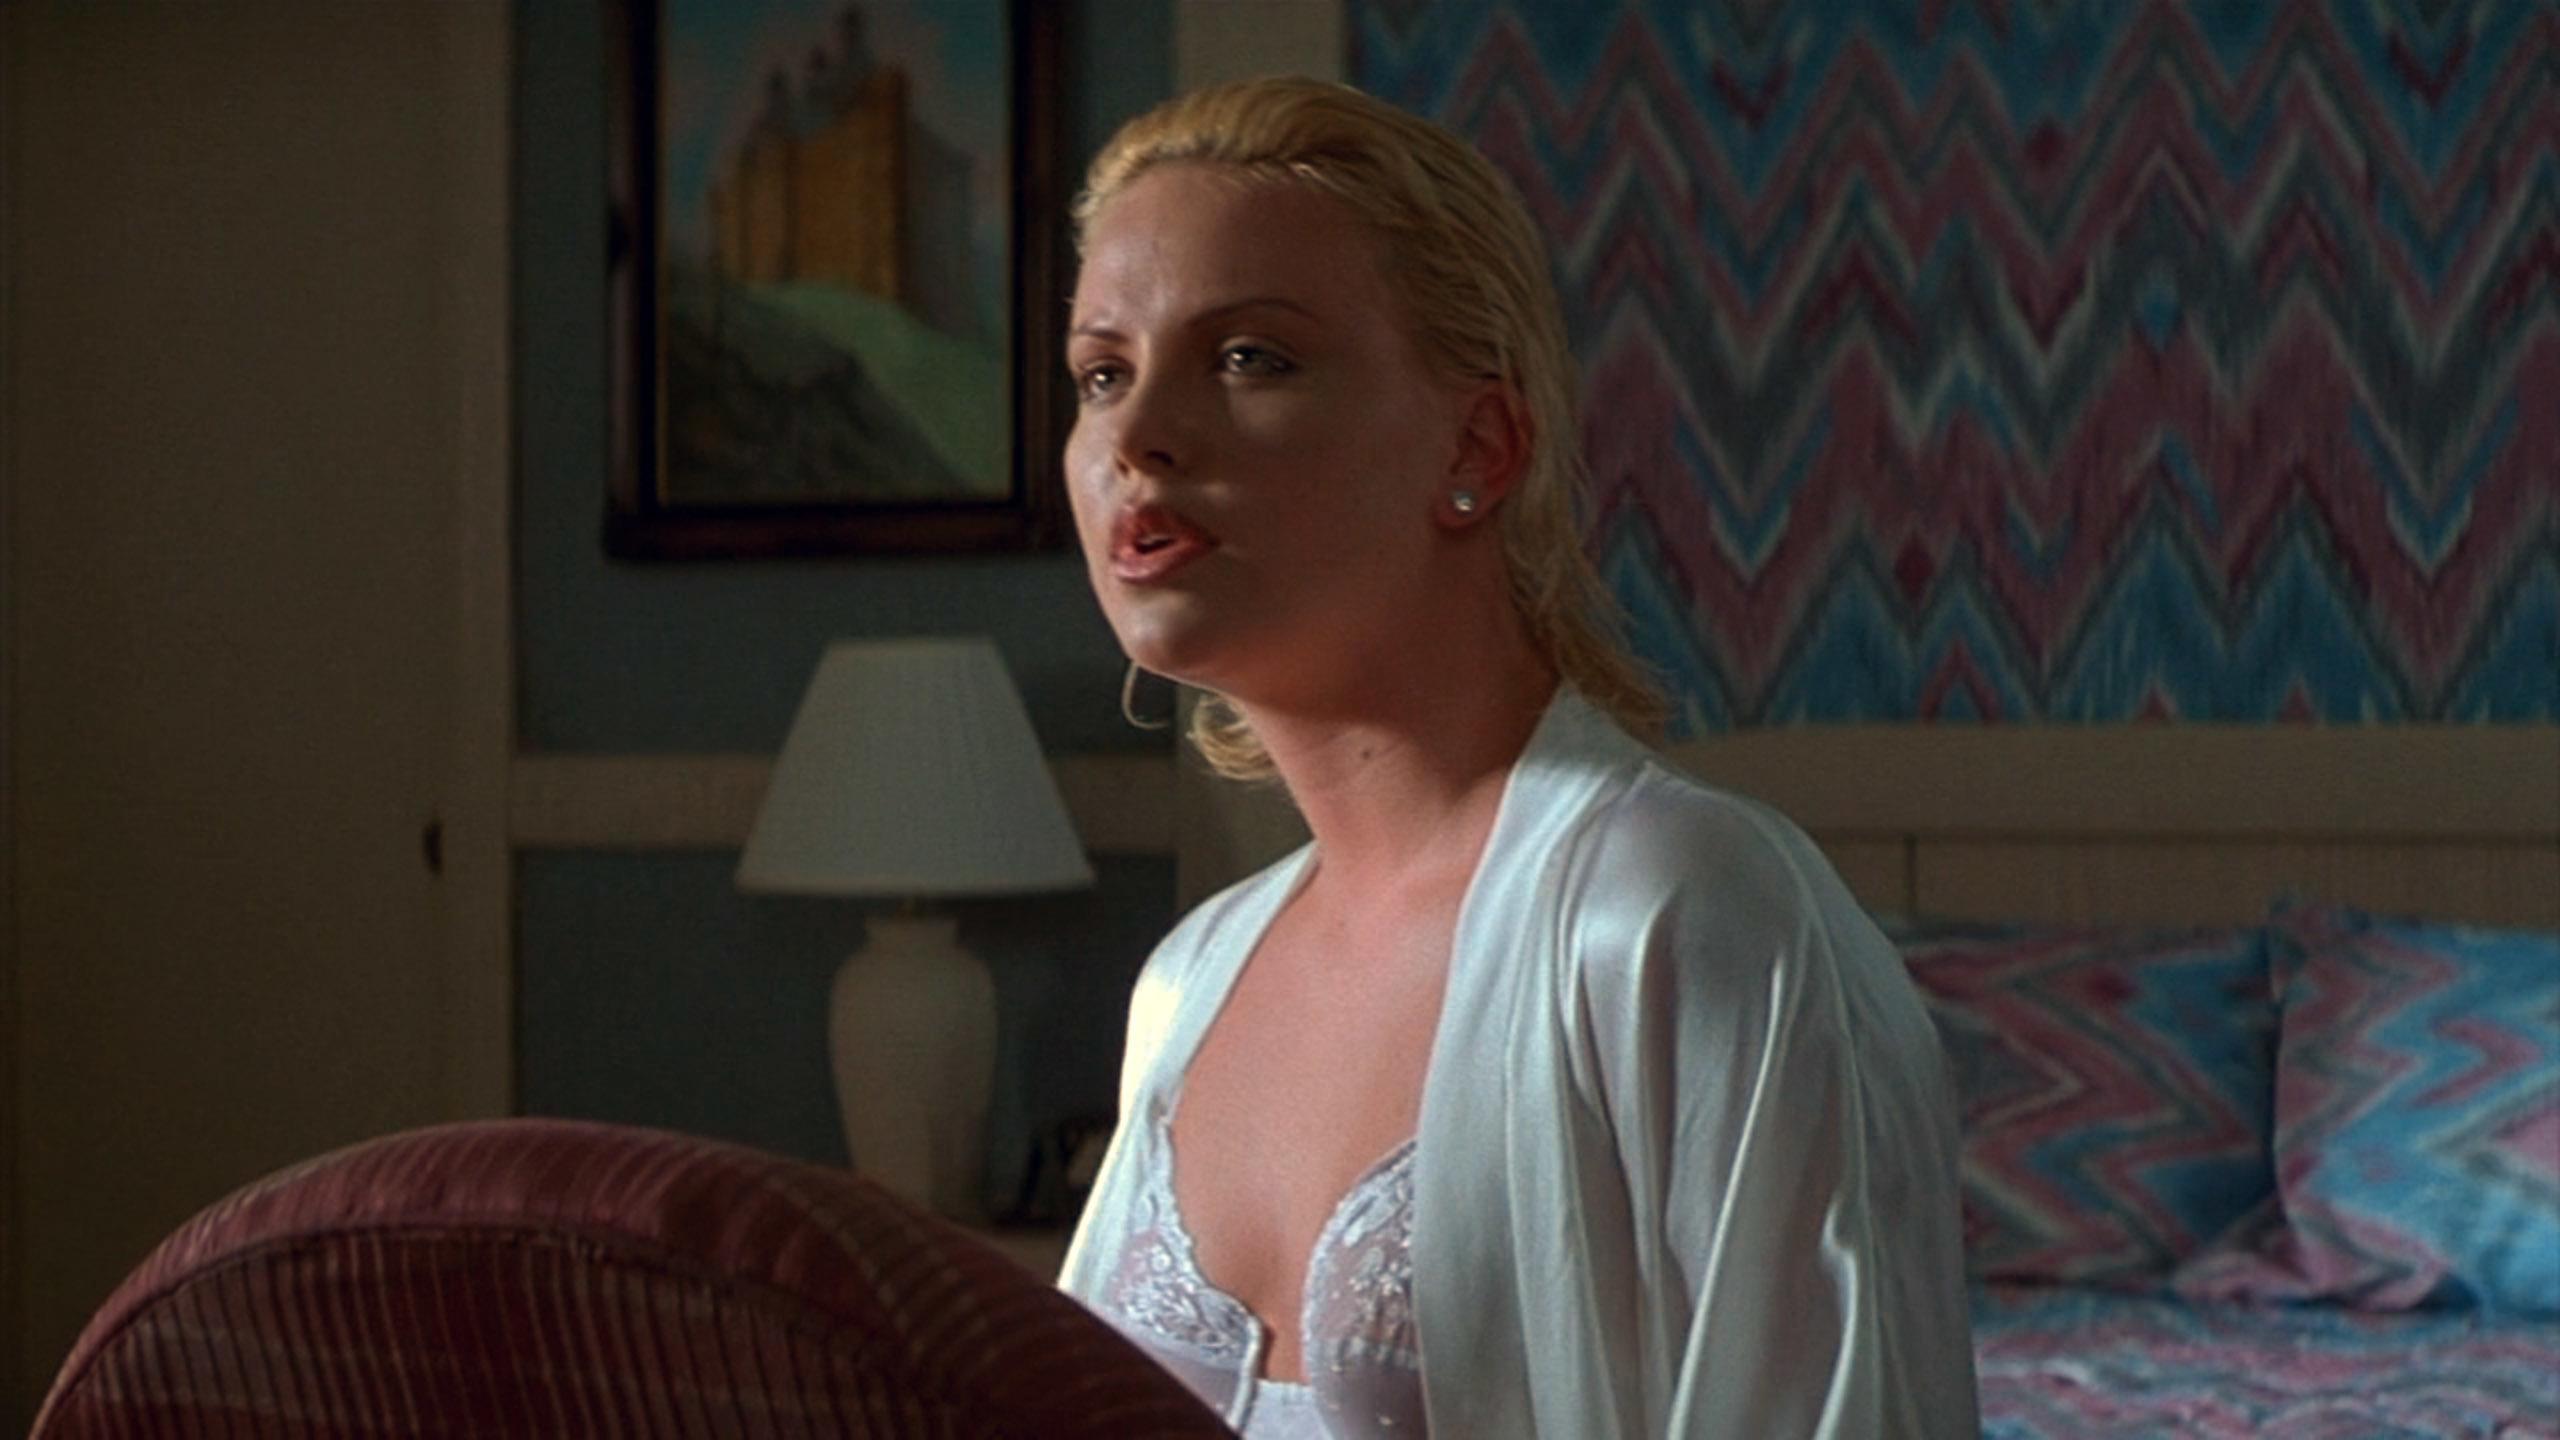 シャーリーズ・セロン(Charlize Theron)「2 days トゥー・デイズ」(1996)・・・其の弐_e0042361_20452288.jpg